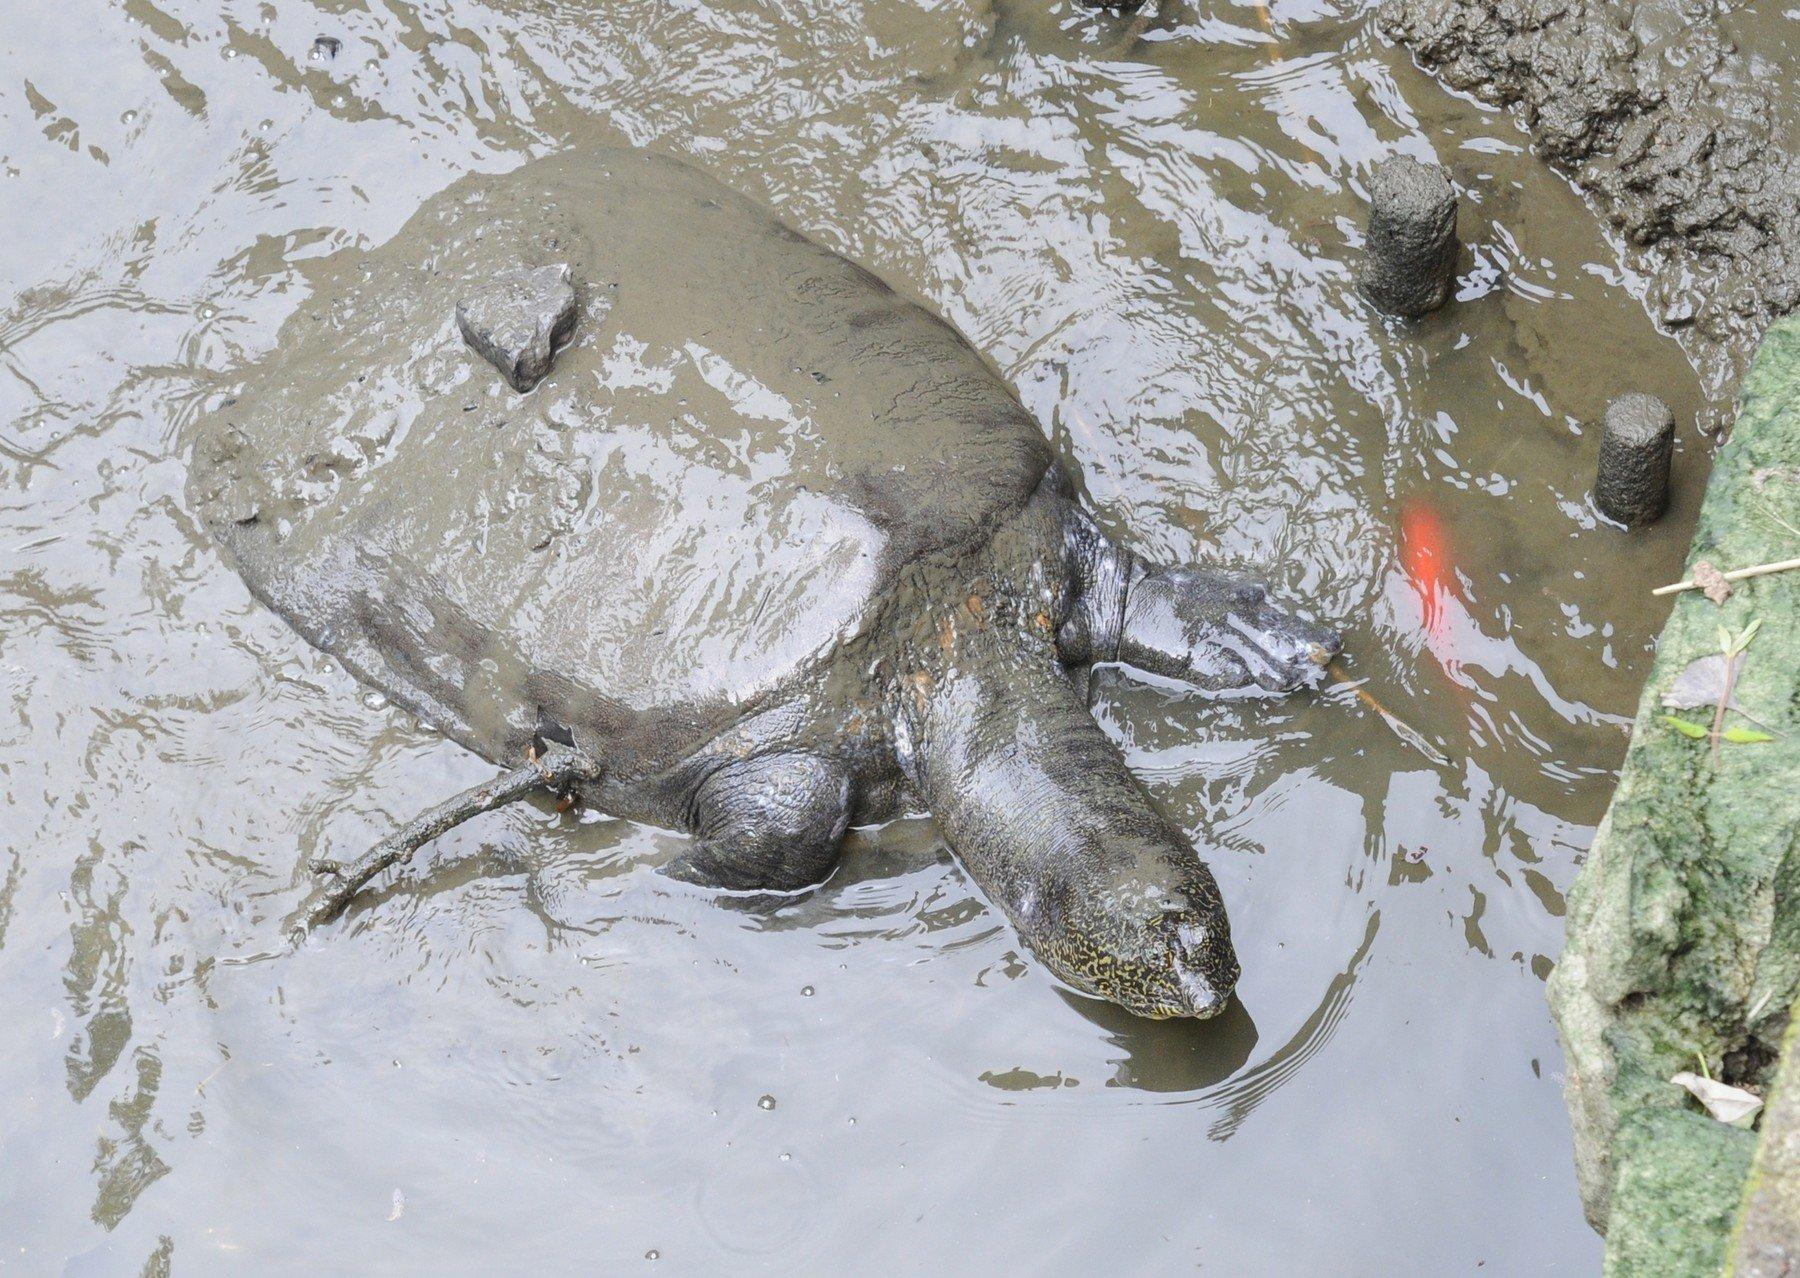 Divovska mekooklopna kornjača